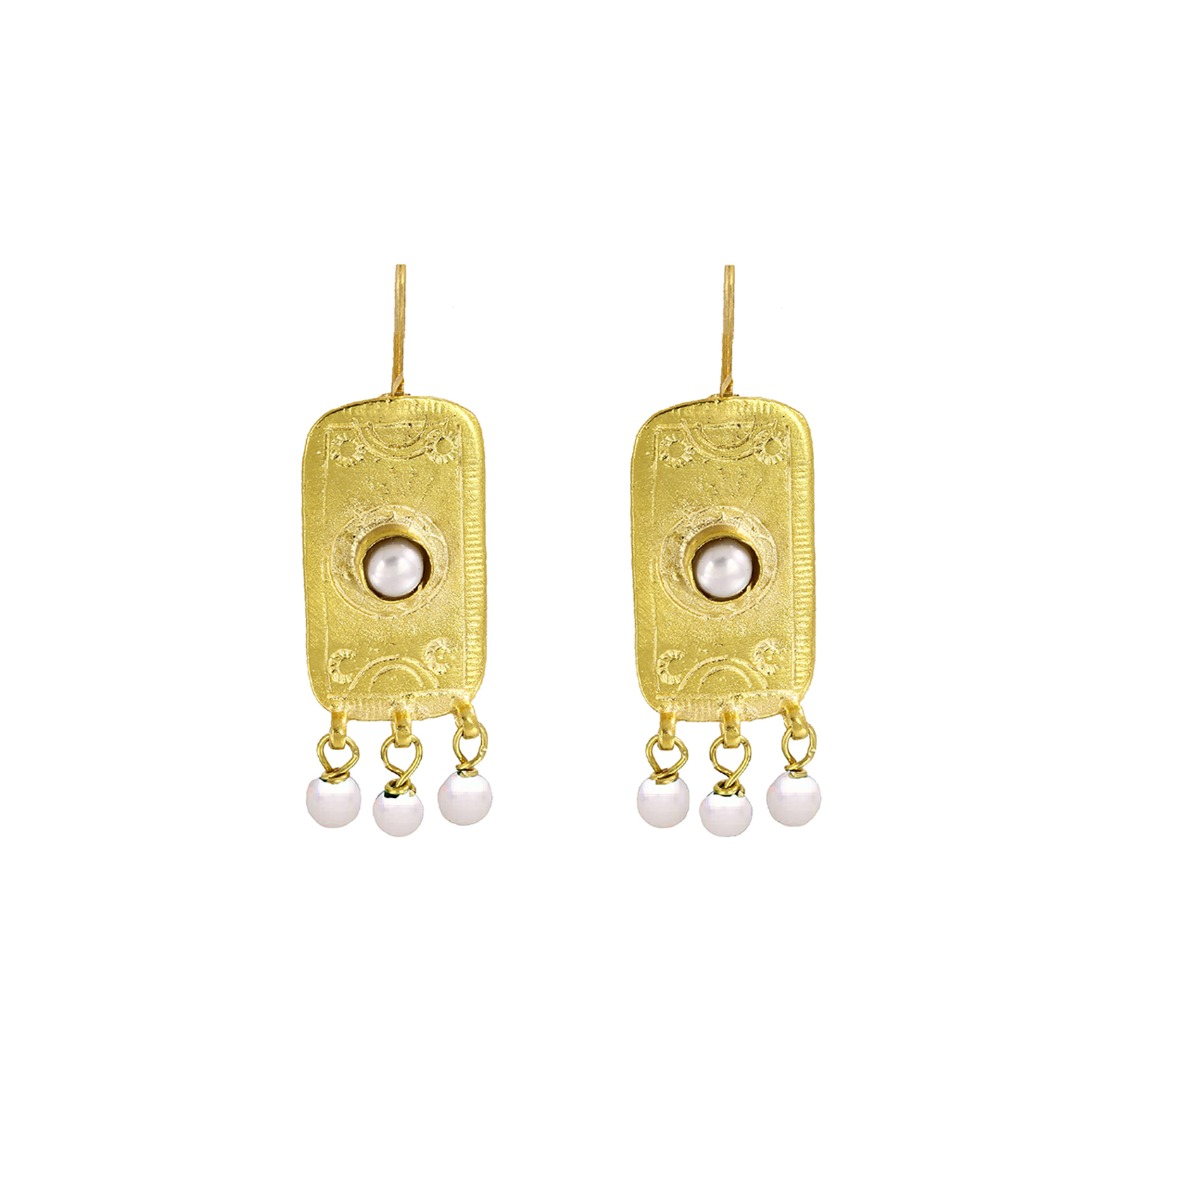 Ottoman pearl drop earrings